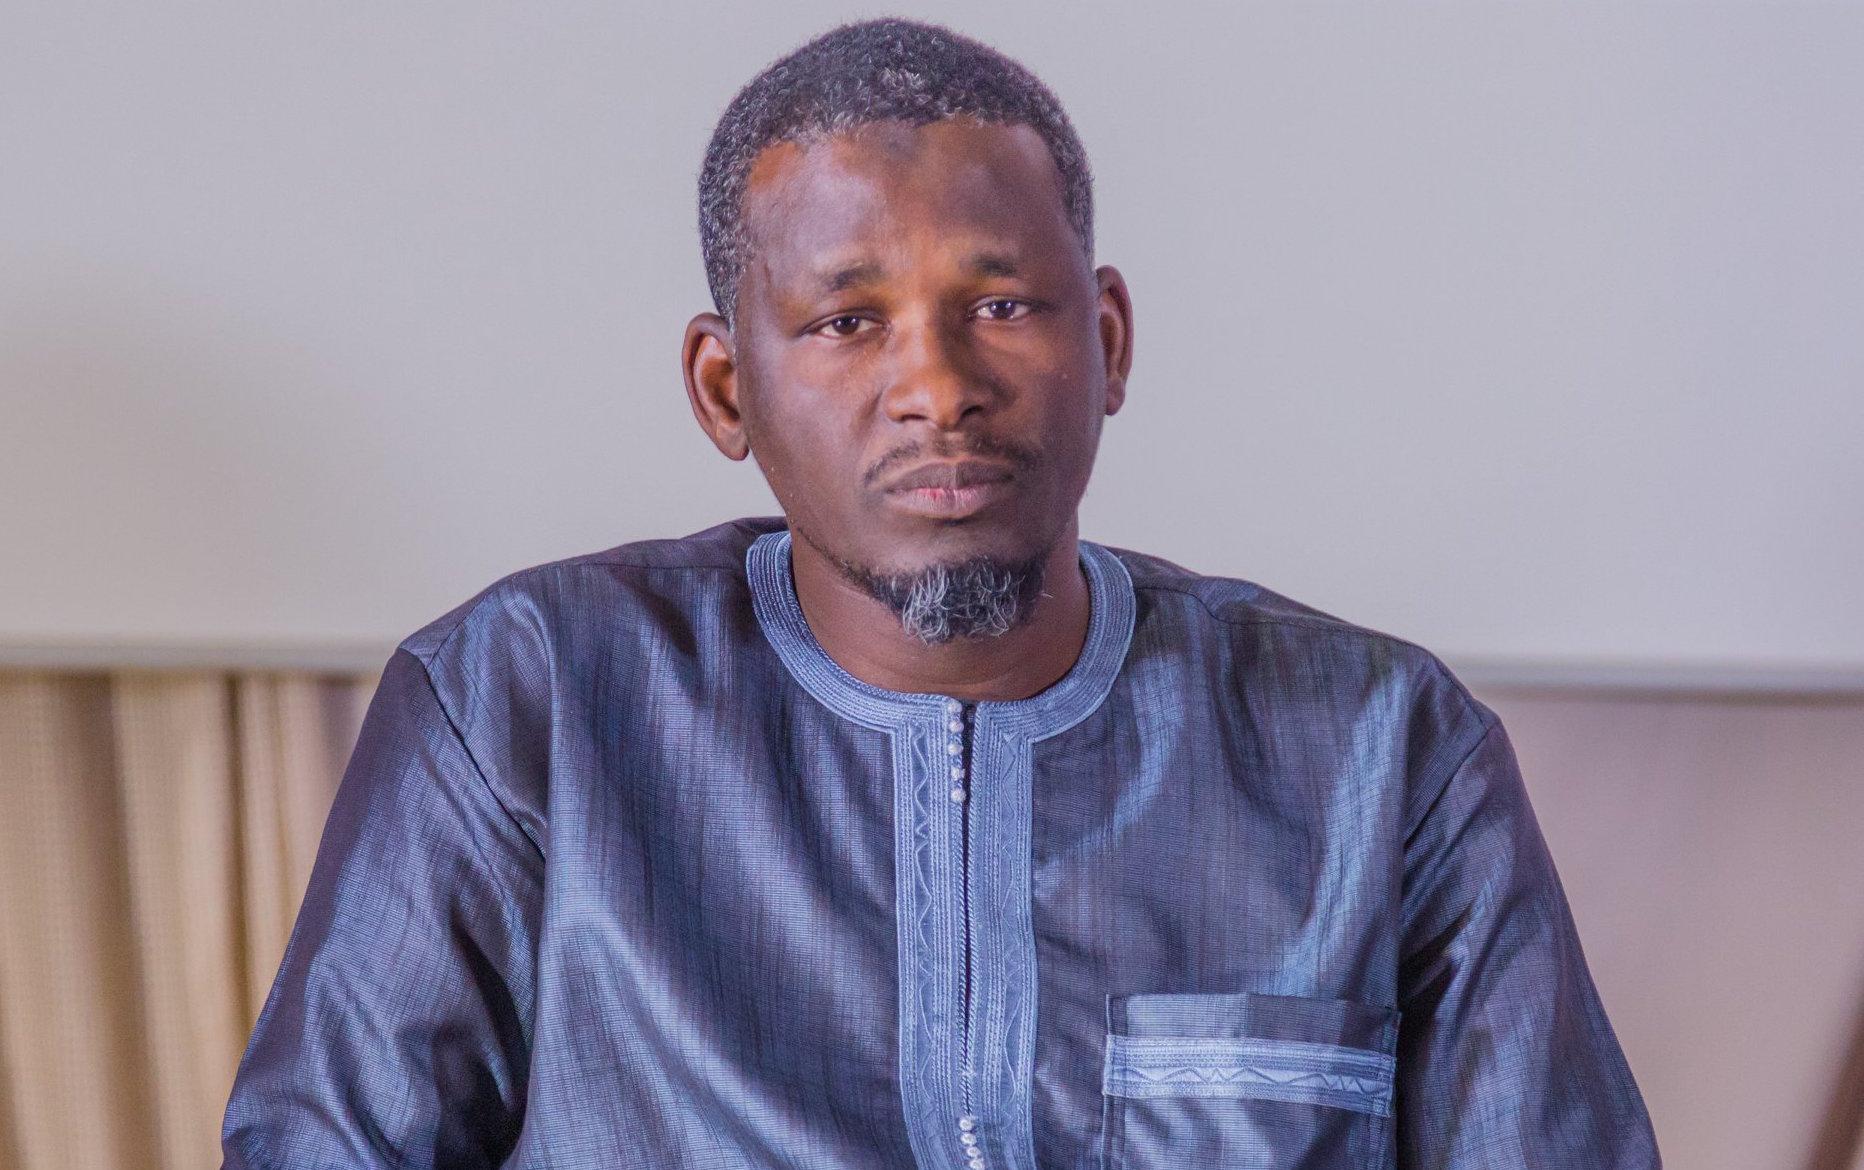 Refus de la promotion de l'homosexualité au Sénégal : Y en a marre exprime son soutien à Elimane KANE, licencié par OXFAM